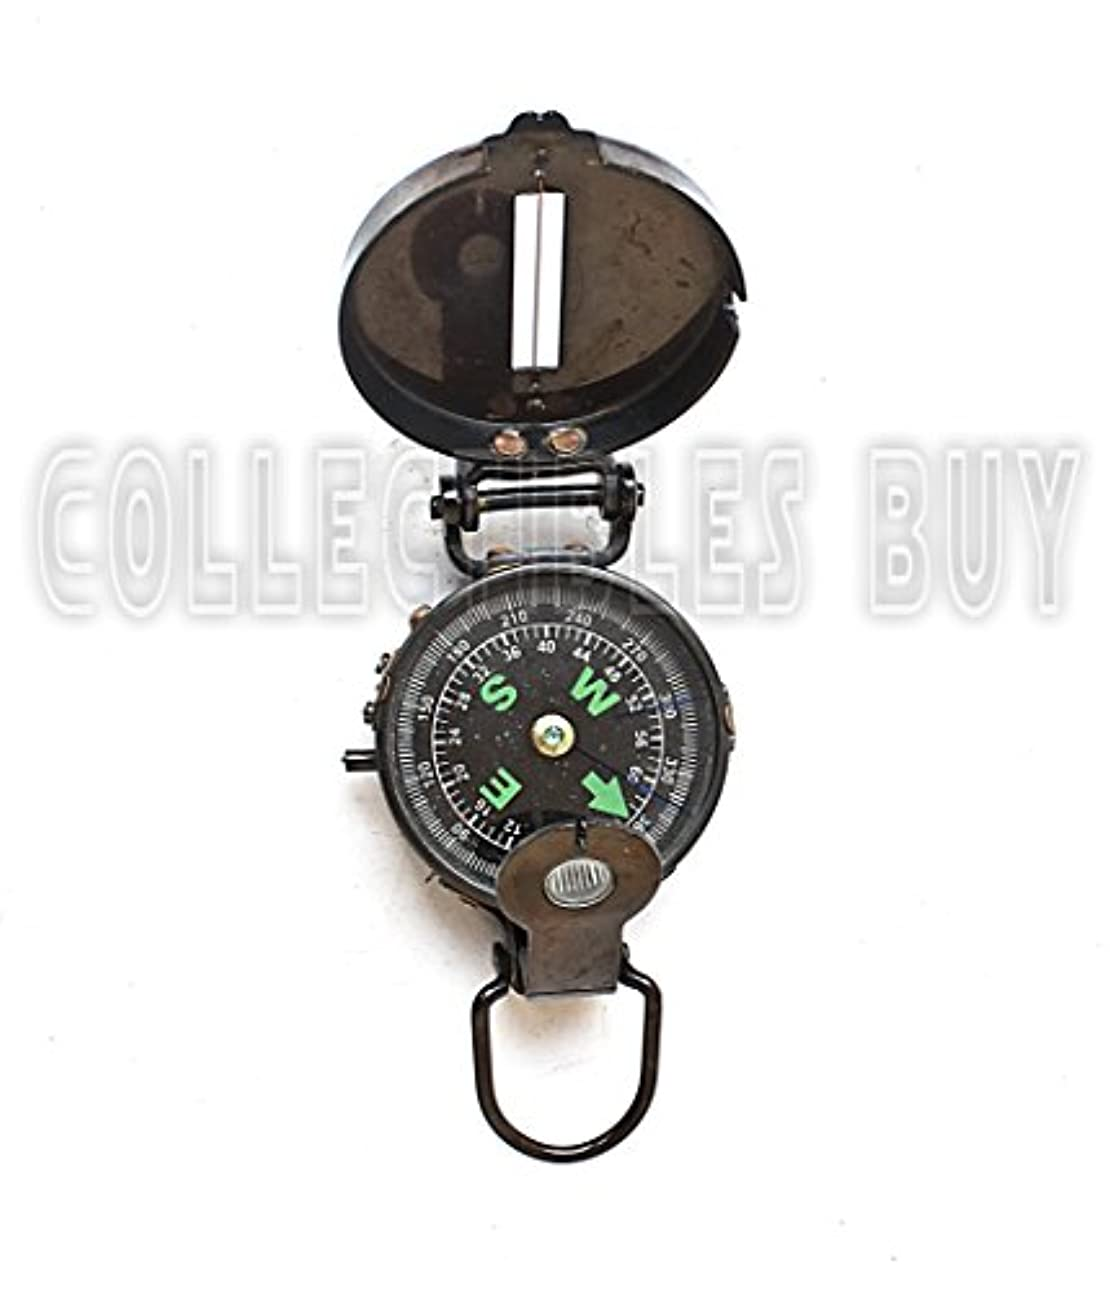 み要求策定するLensaticコンパスブラックMilitary CompassesヴィンテージアンティークNavigational Marine